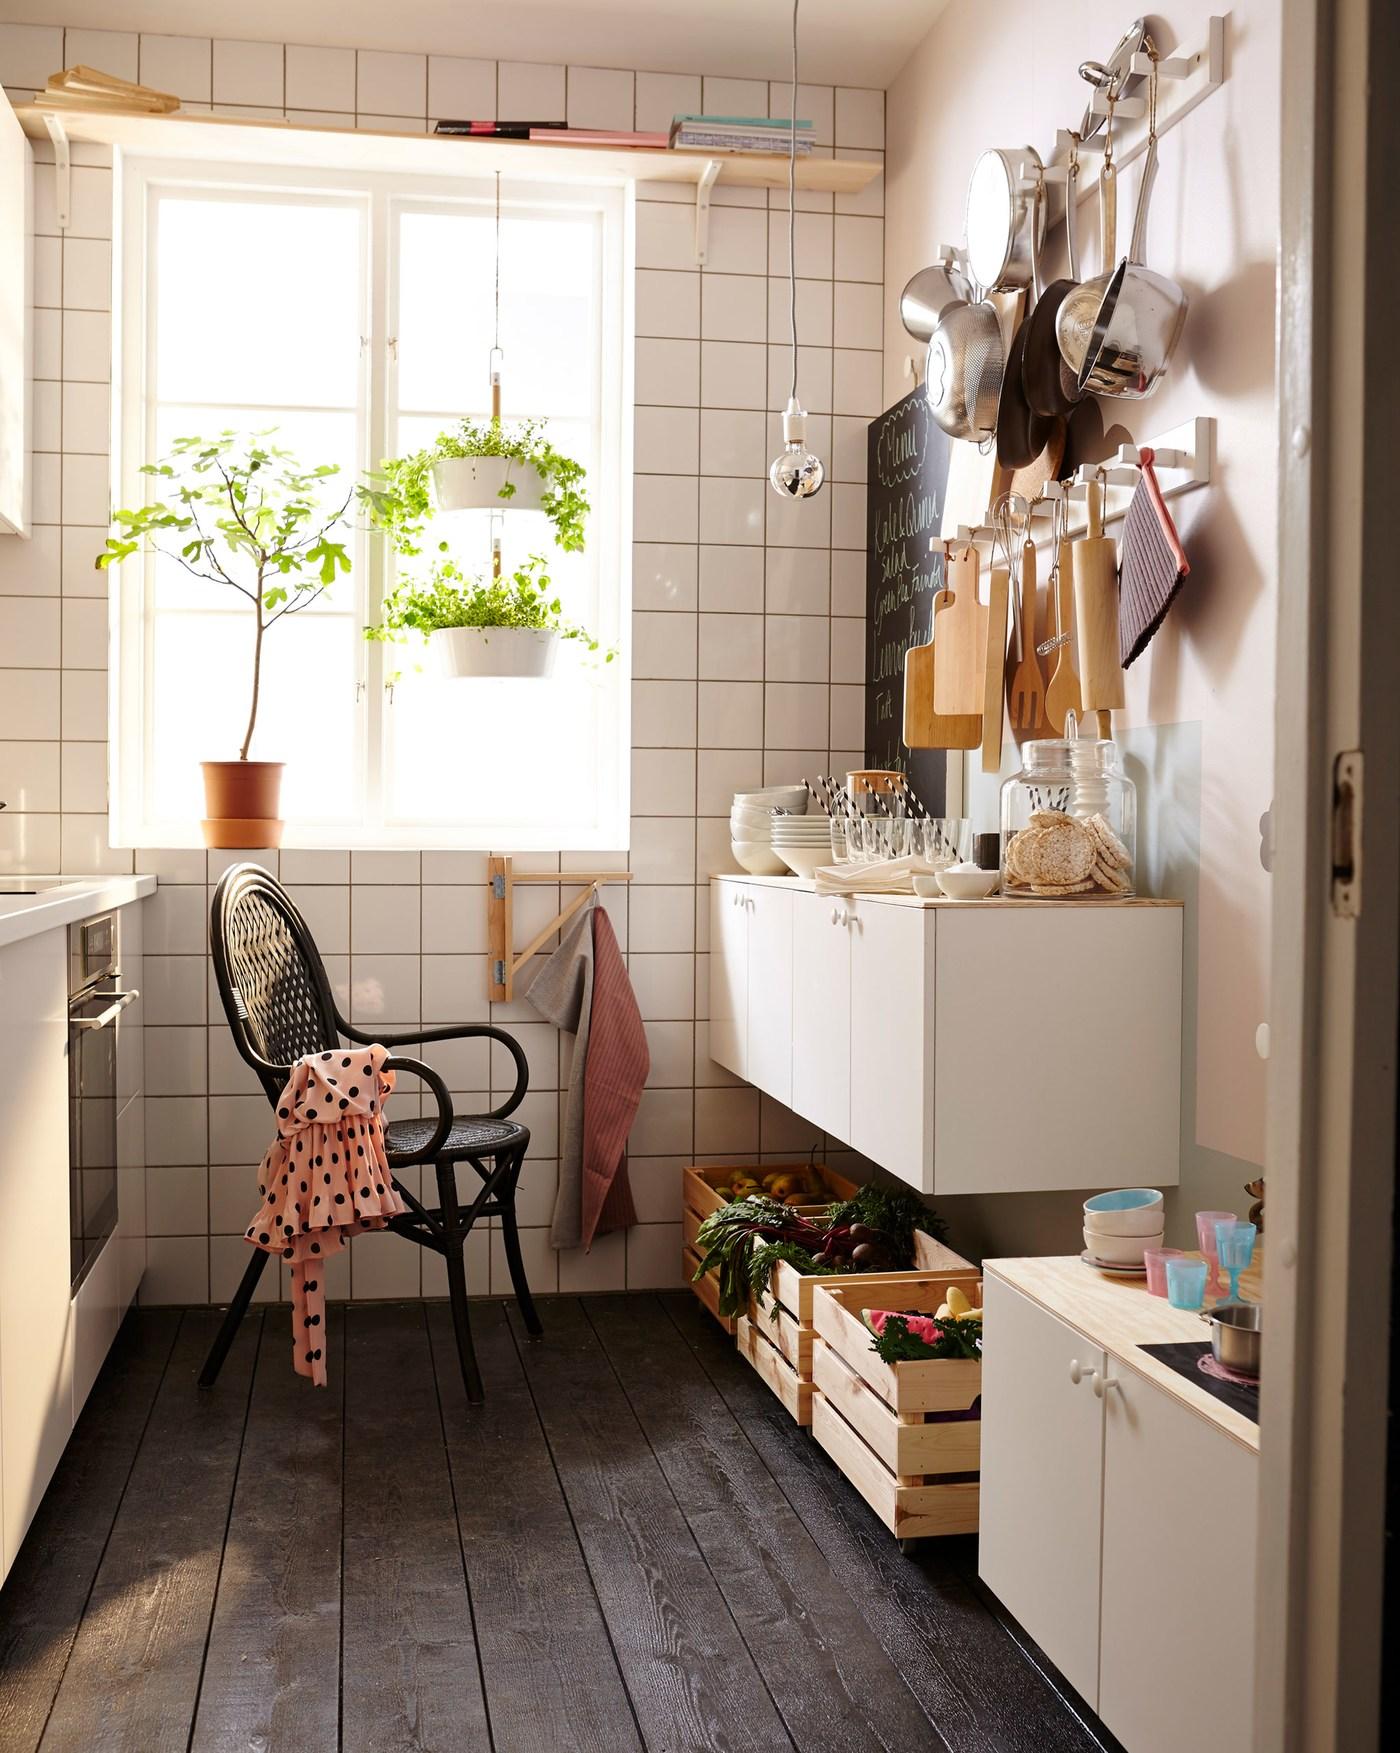 decorar casas pequeñas ikea